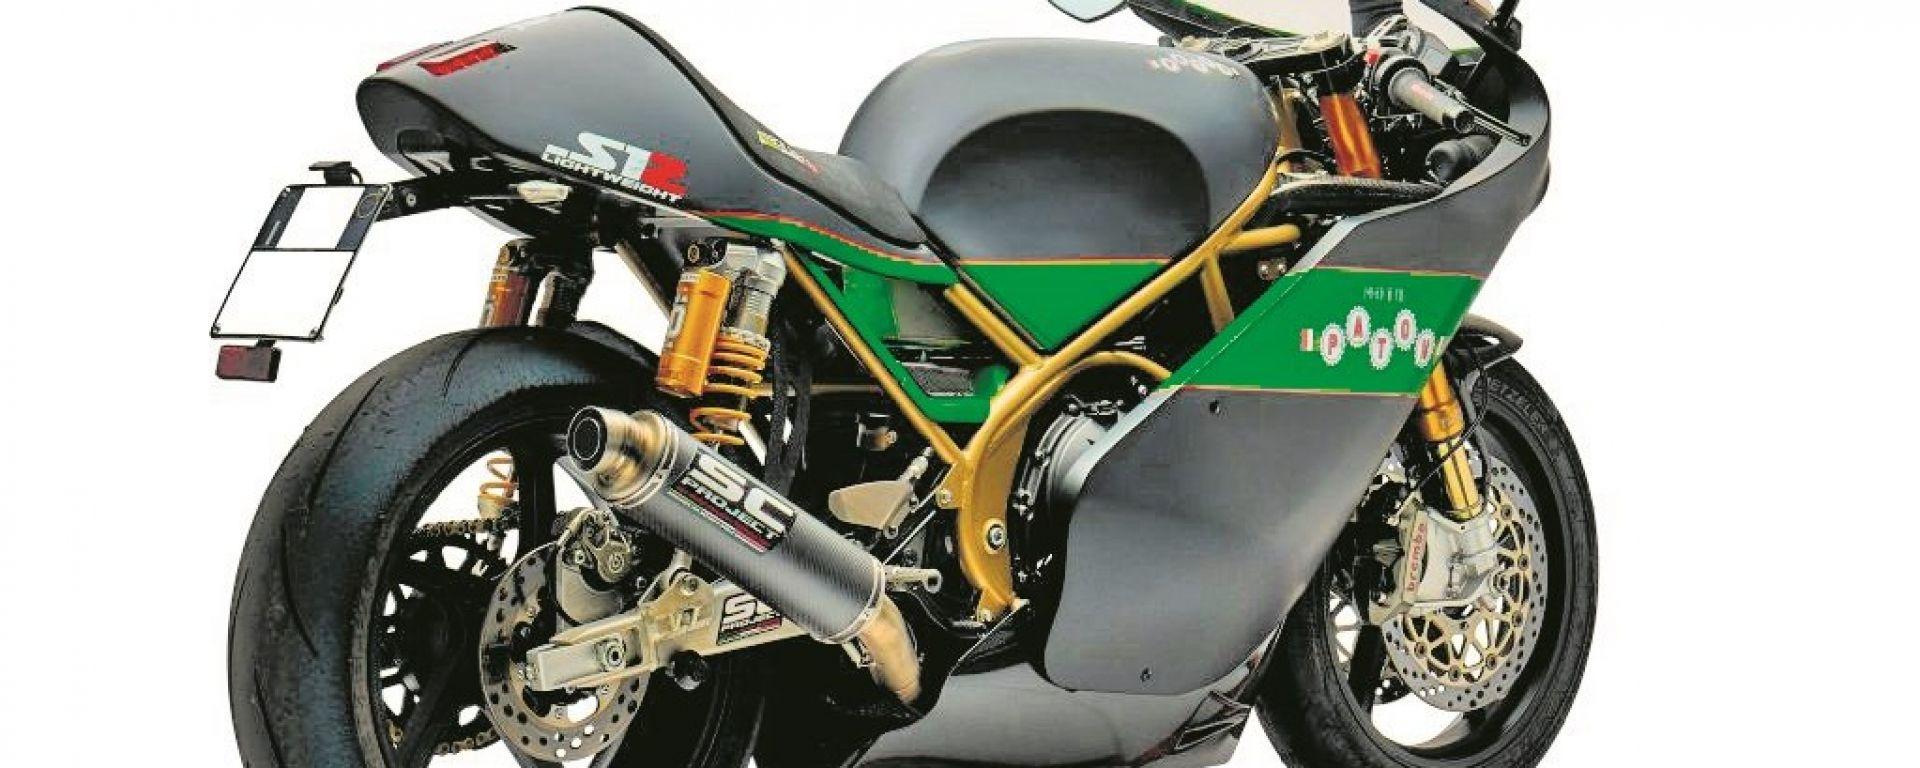 Paton S1R 60°Anniversario: la moto di Dunlop con targa e fari